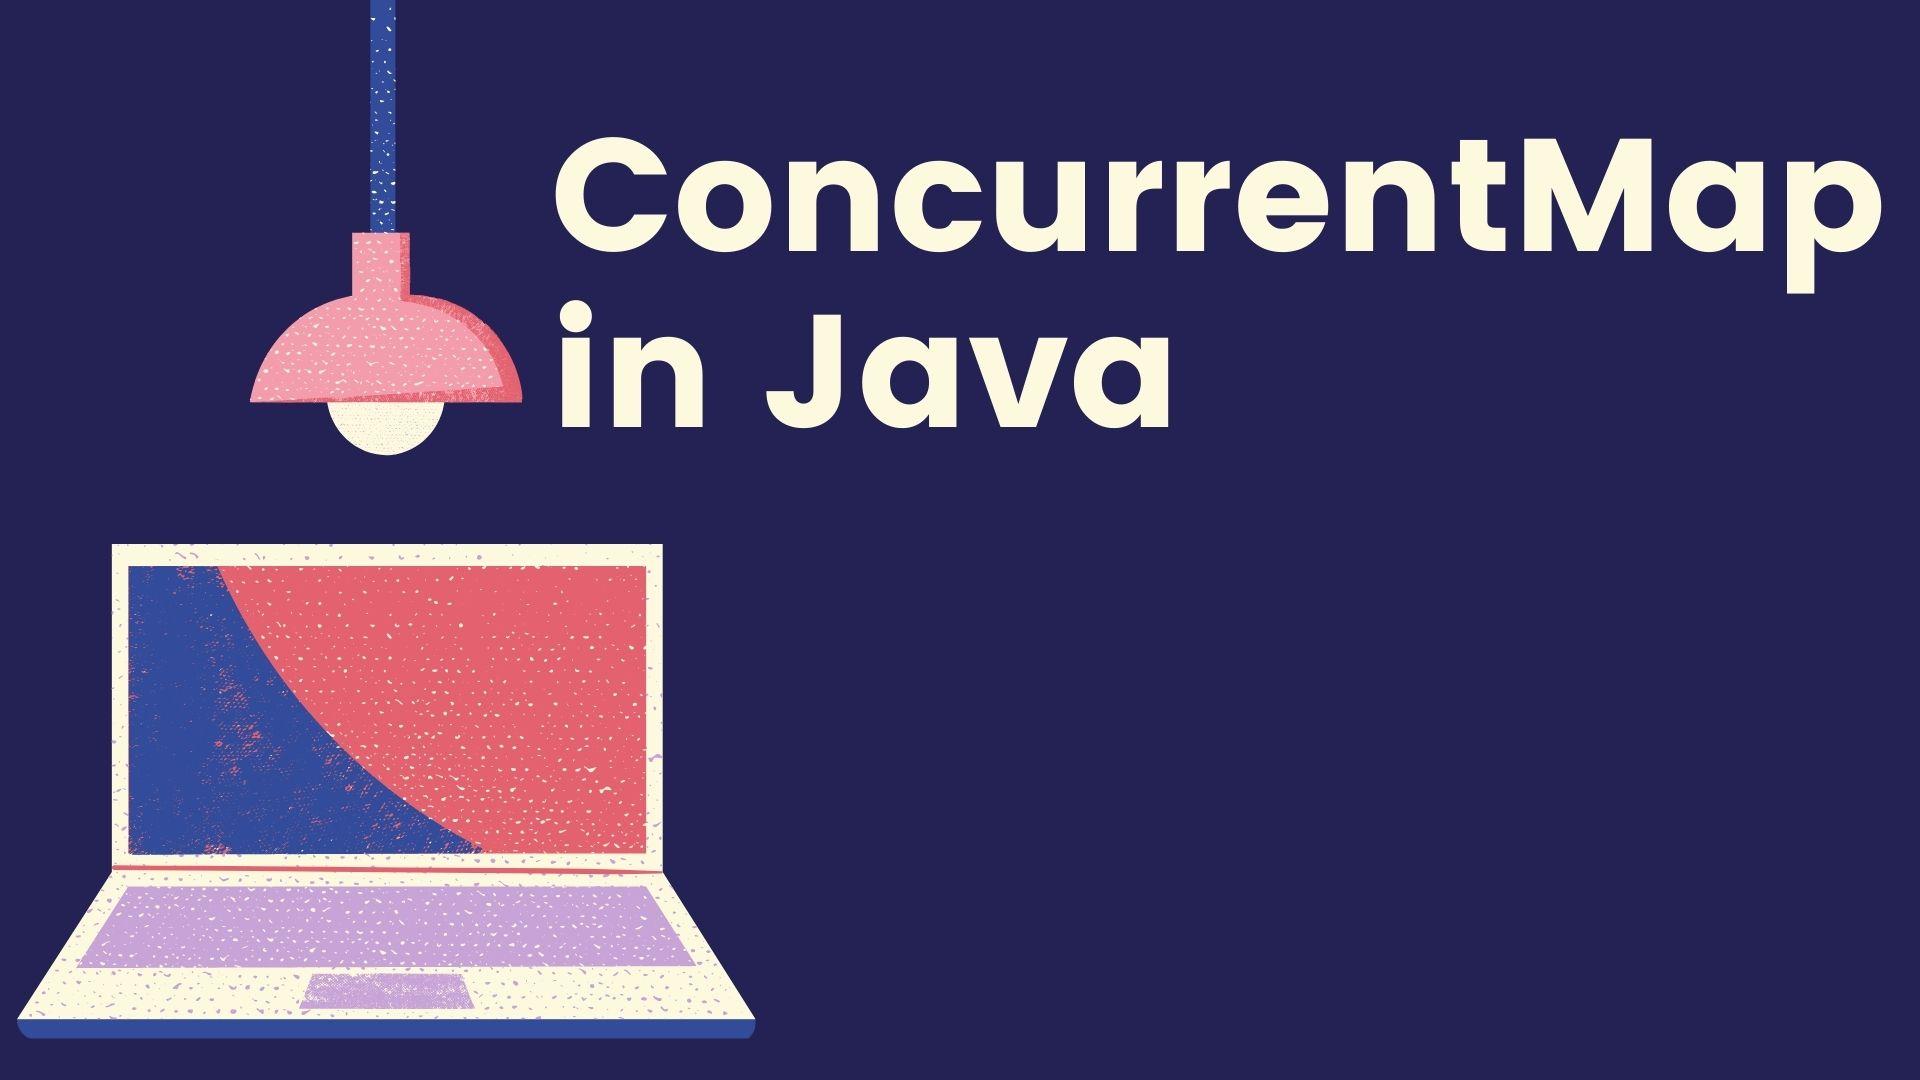 ConcurrentMap in Java